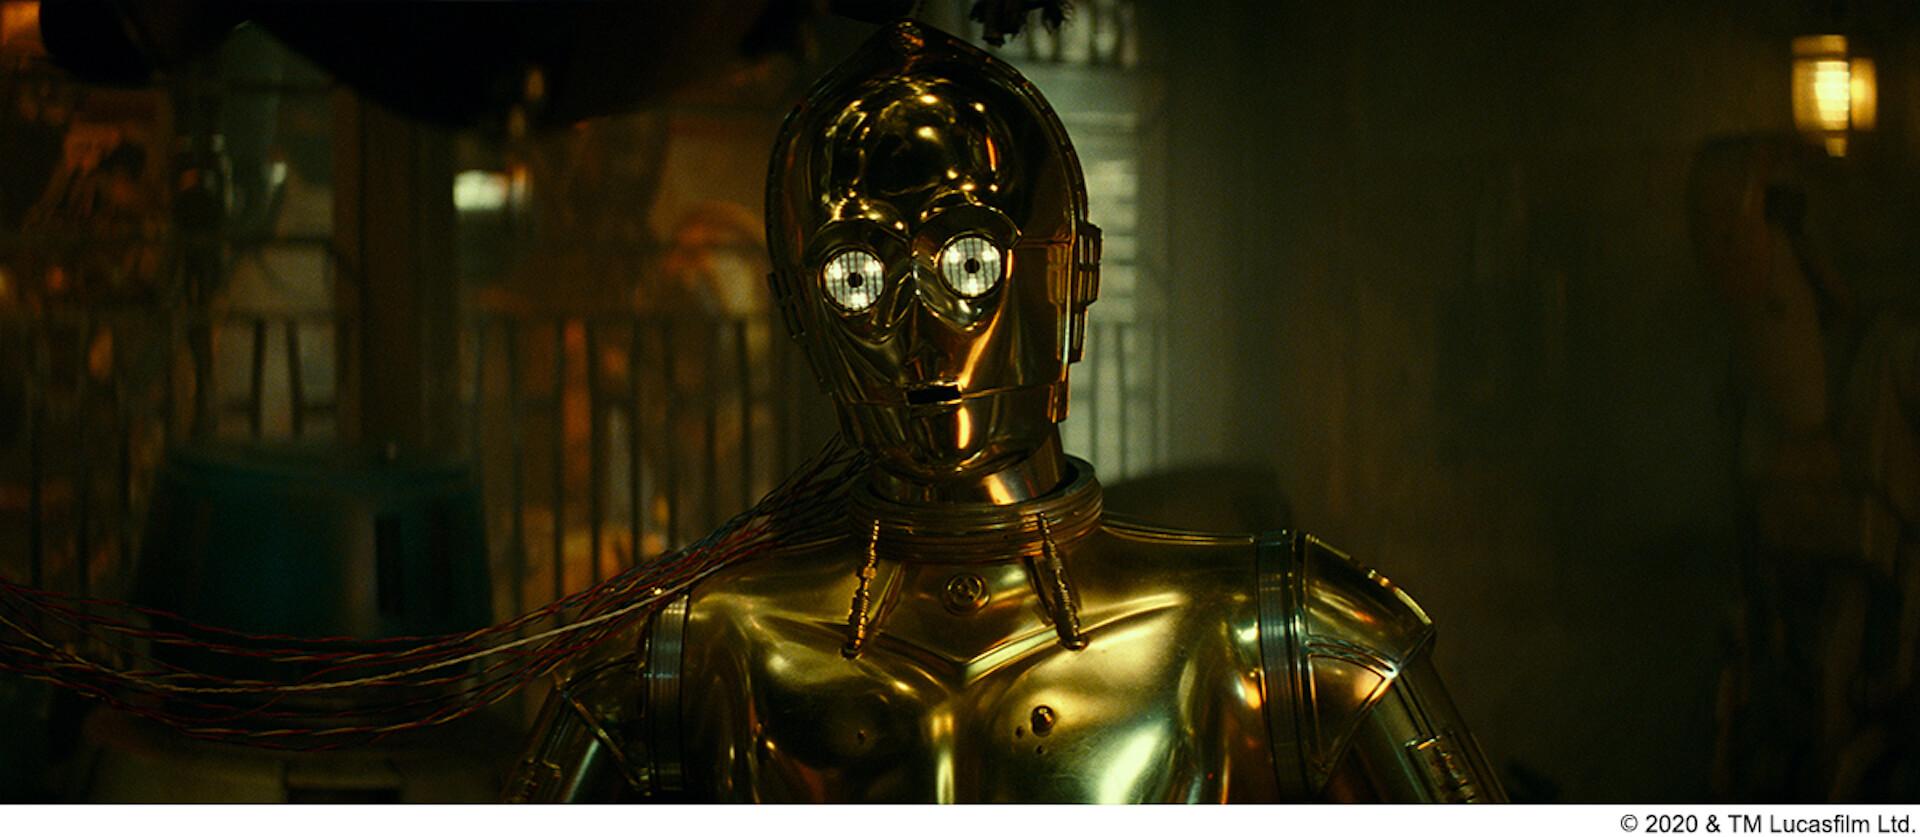 「スター・ウォーズ」シリーズをすべて渡り歩いたC-3PO俳優アンソニー・ダニエルズの舞台裏を収めた映像が解禁! film200424_starwars_4